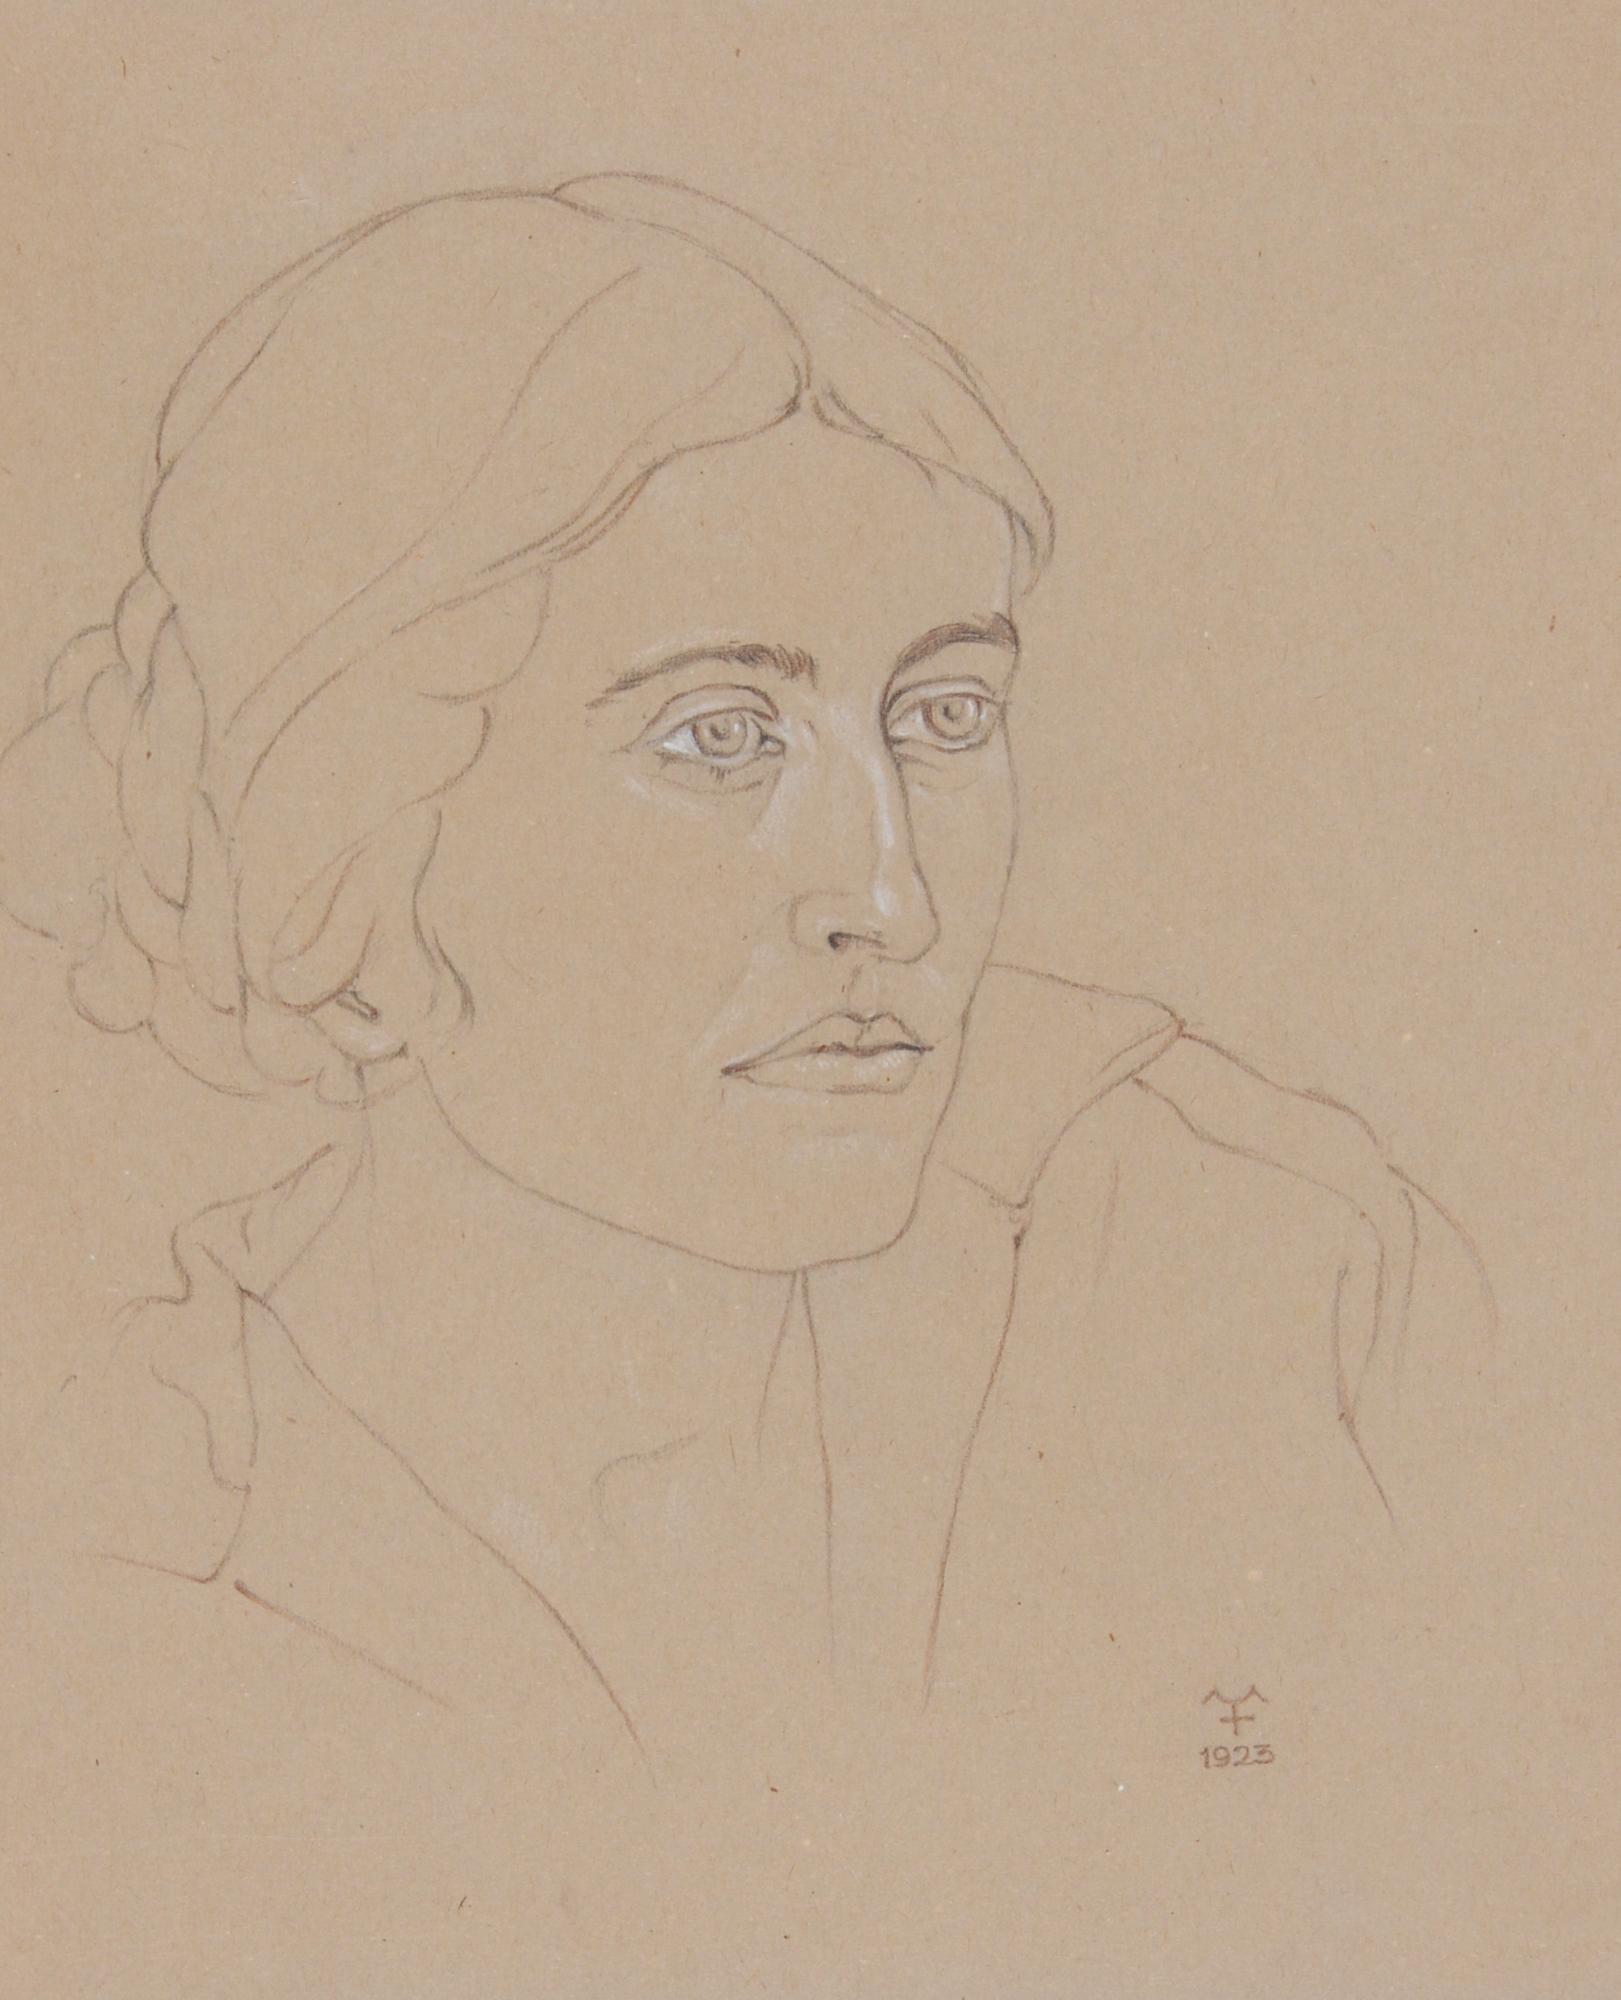 Forbat Alfred, 2 drawings: Porträt mit Mütze (Portrait with Cap), 1922; Frauenporträt (Portrait of a Women)